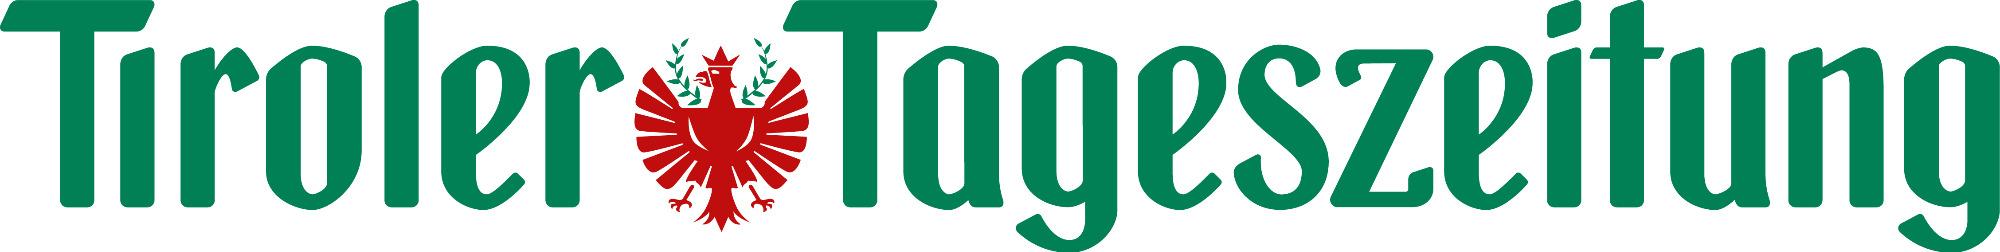 Tt logo 2018 rgb